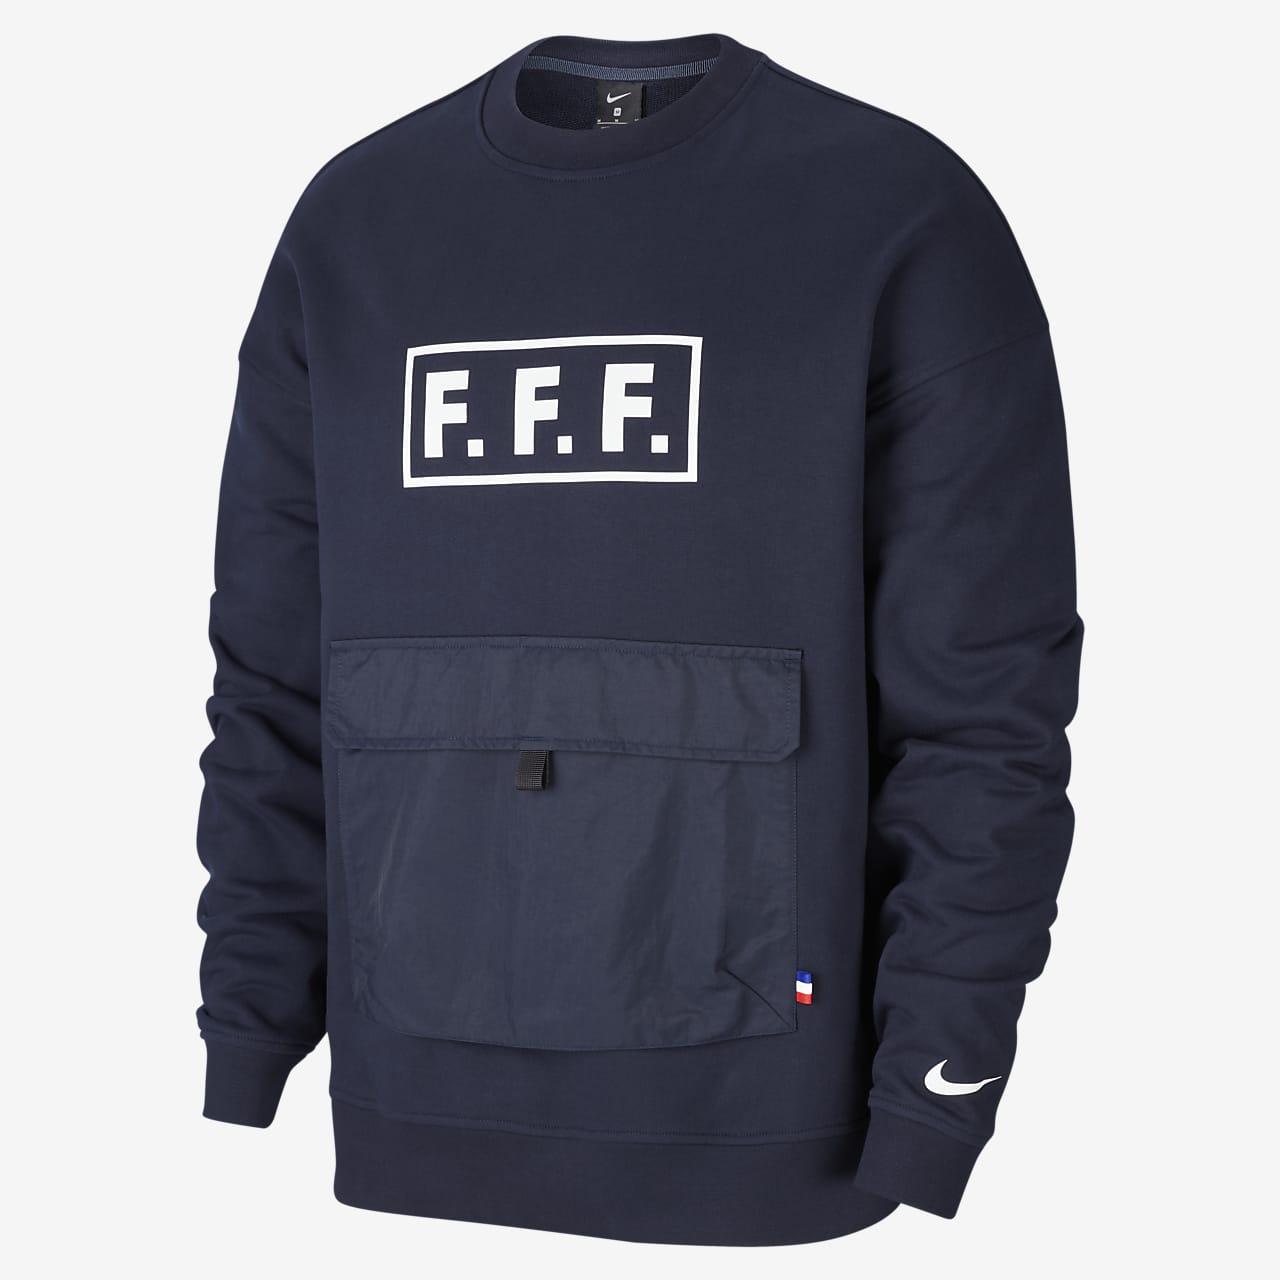 Haut de football à manches longues en tissu Fleece FFF